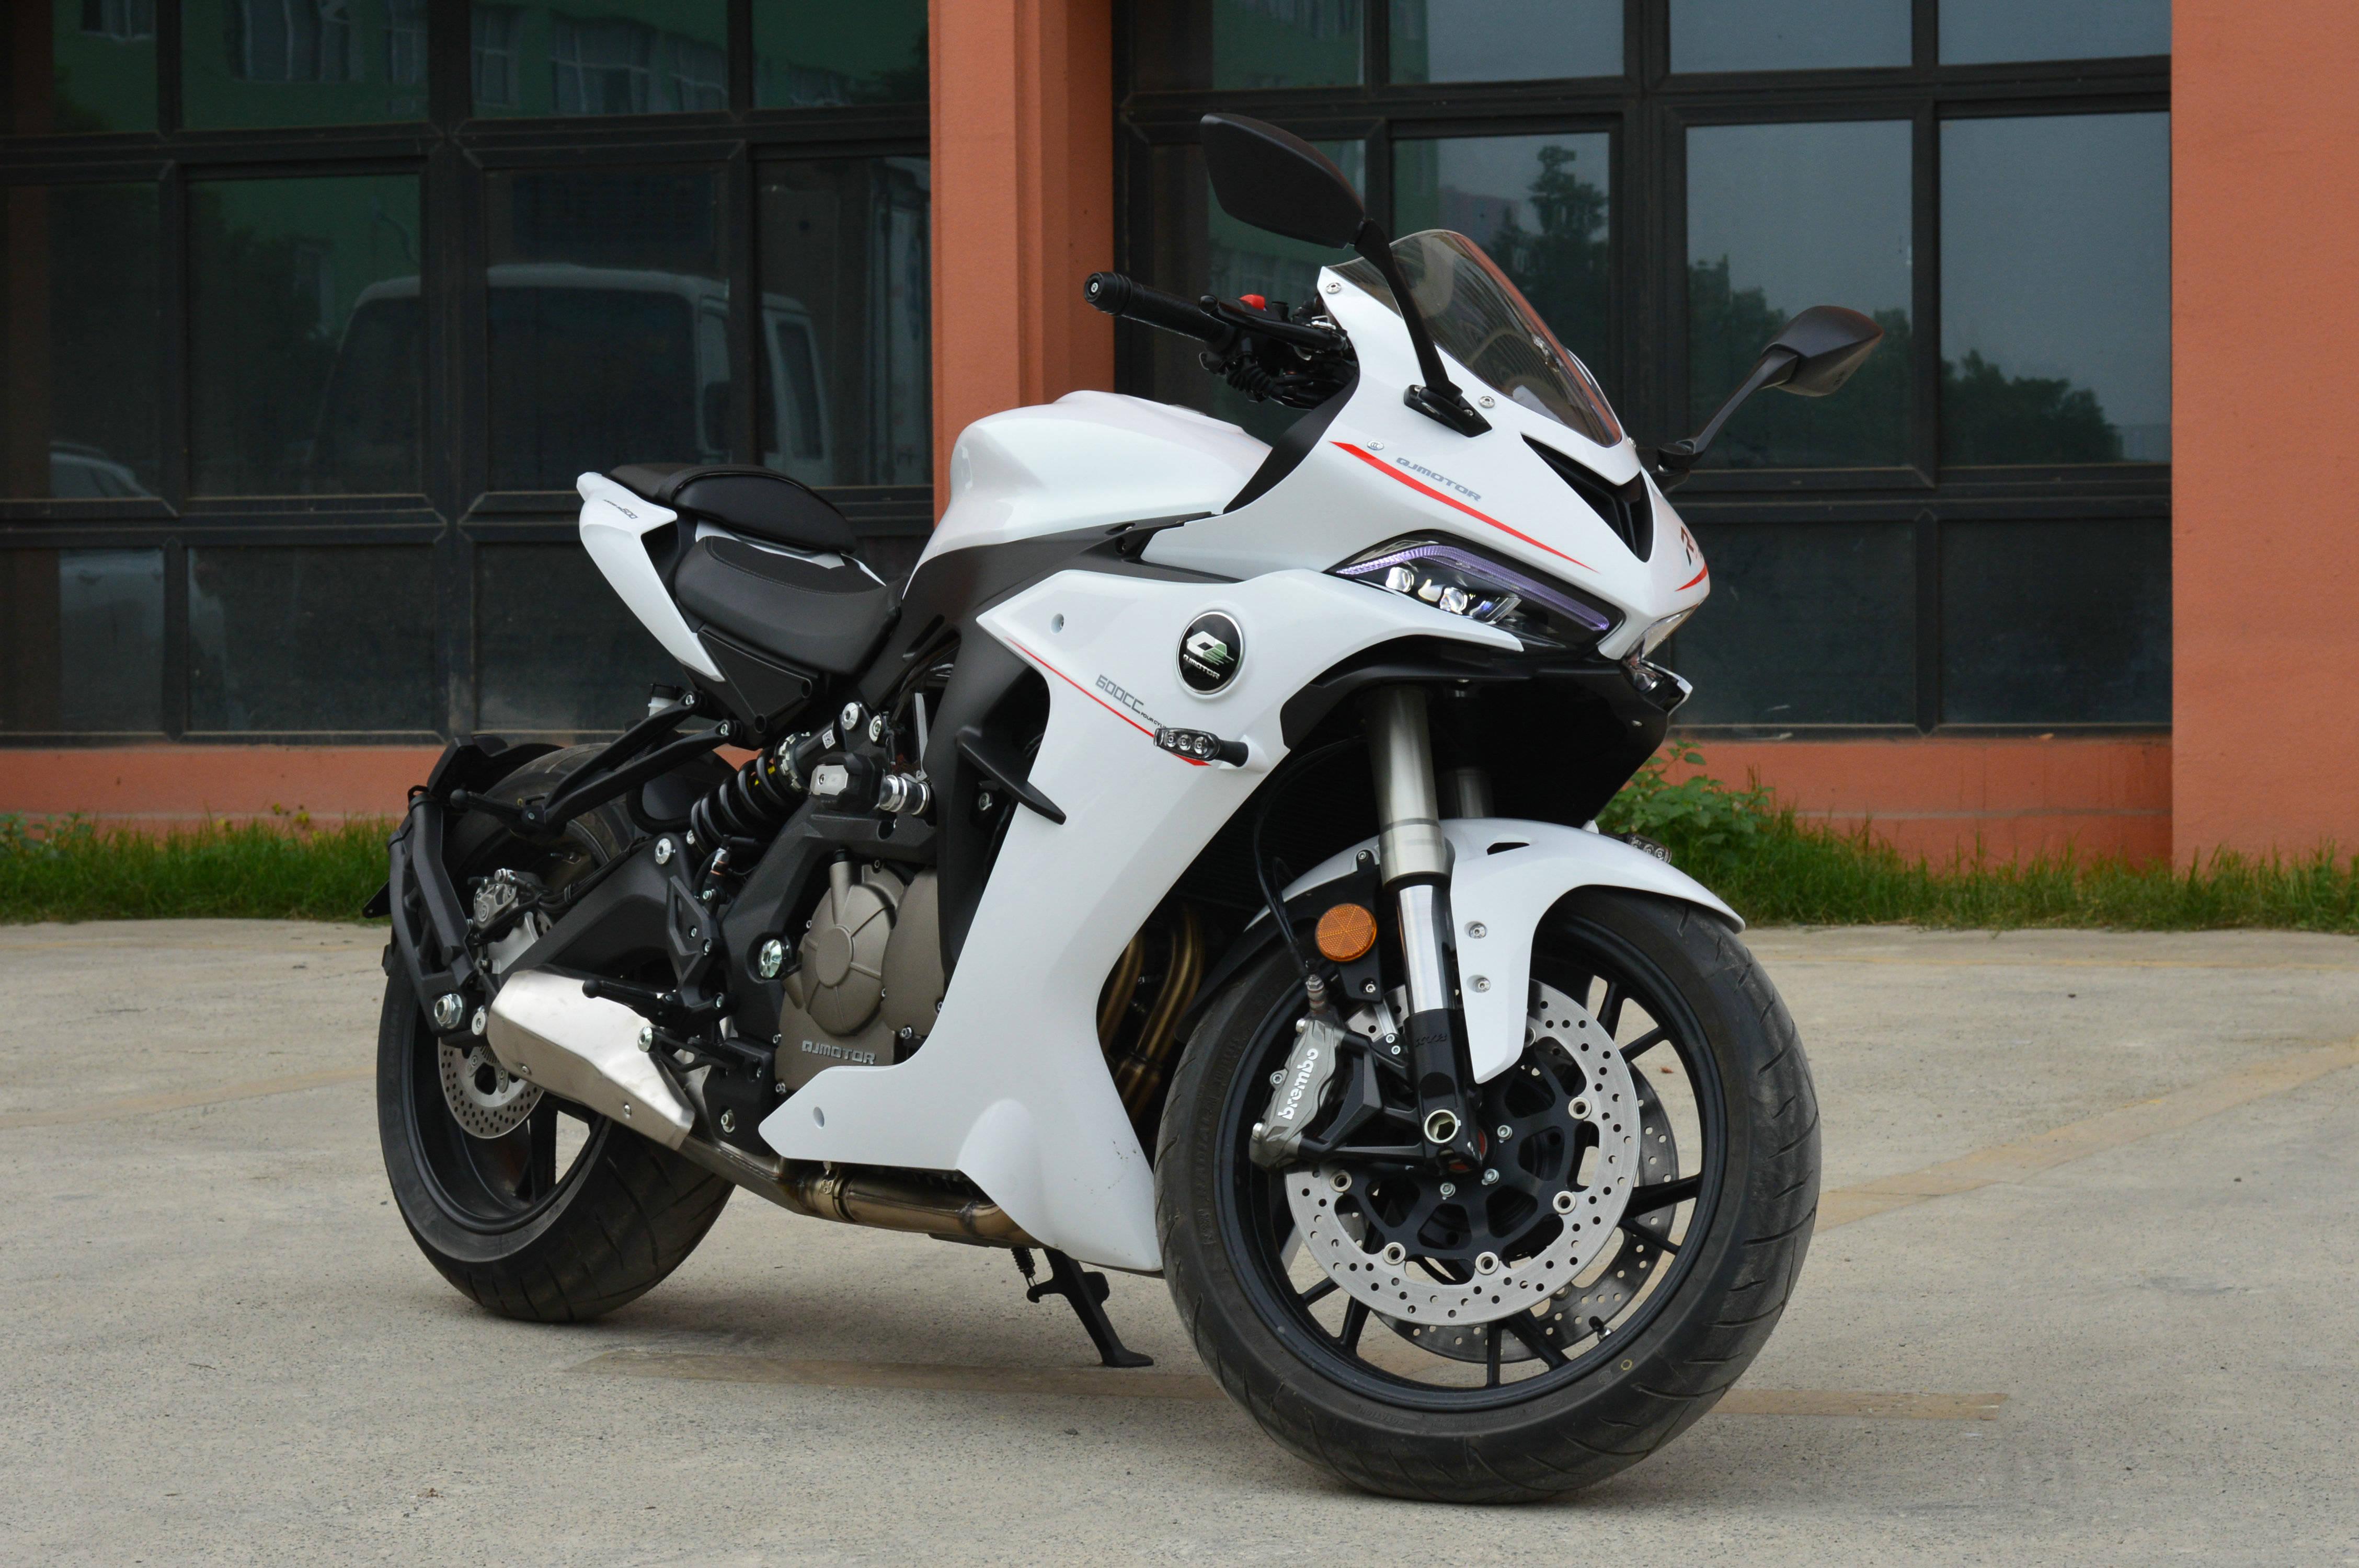 国产摩托跑车依然是短板 2020年值得买的跑车有哪些?